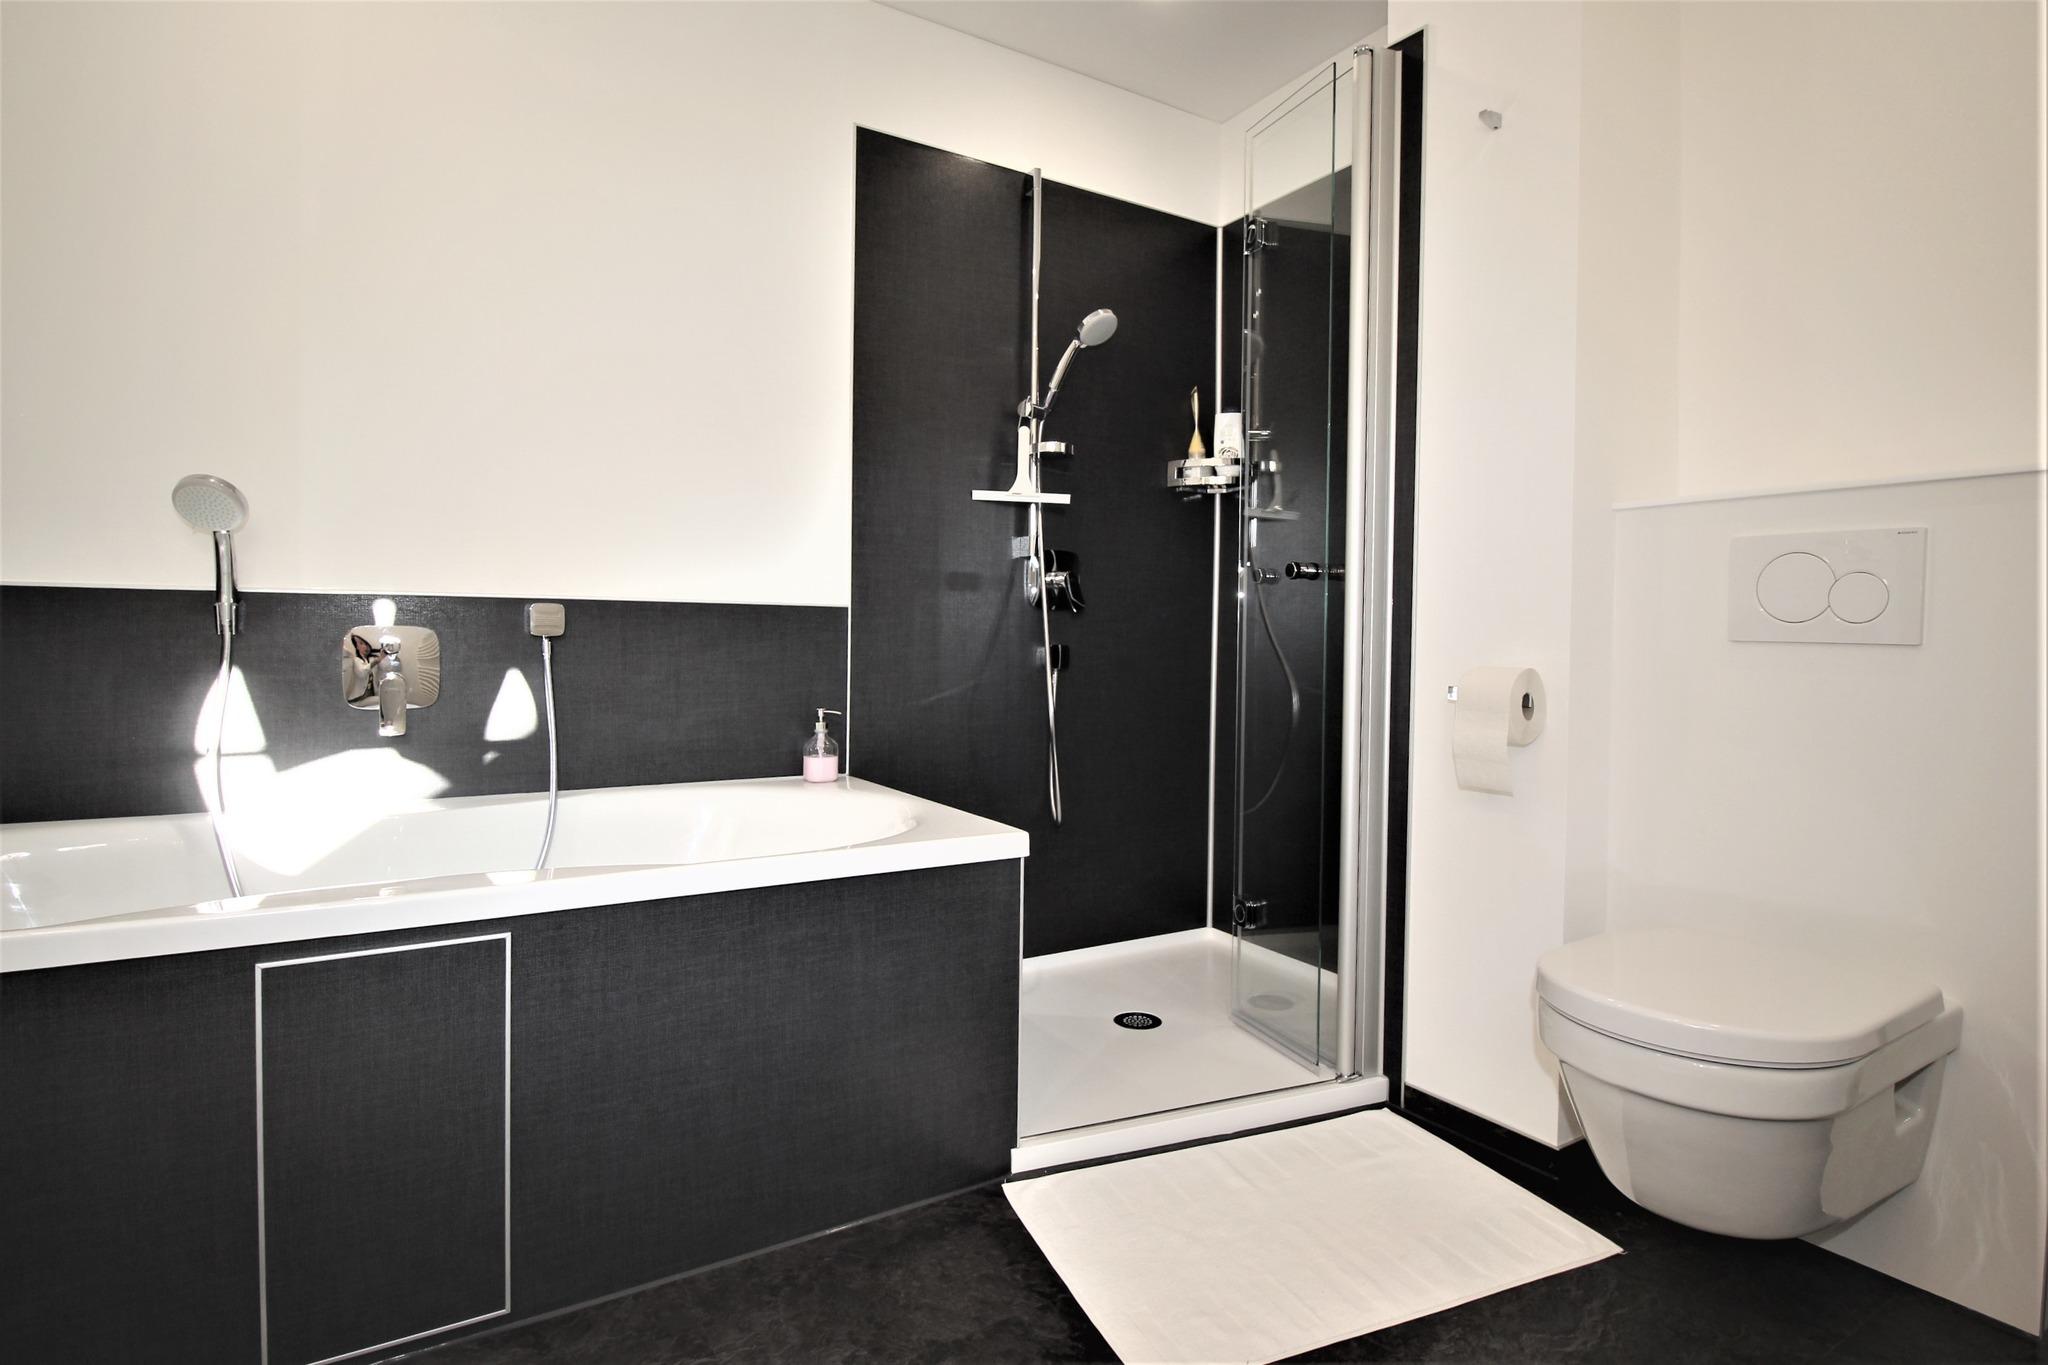 badewanne raus barrierefreie dusche rein in 2 3 tagen. Black Bedroom Furniture Sets. Home Design Ideas